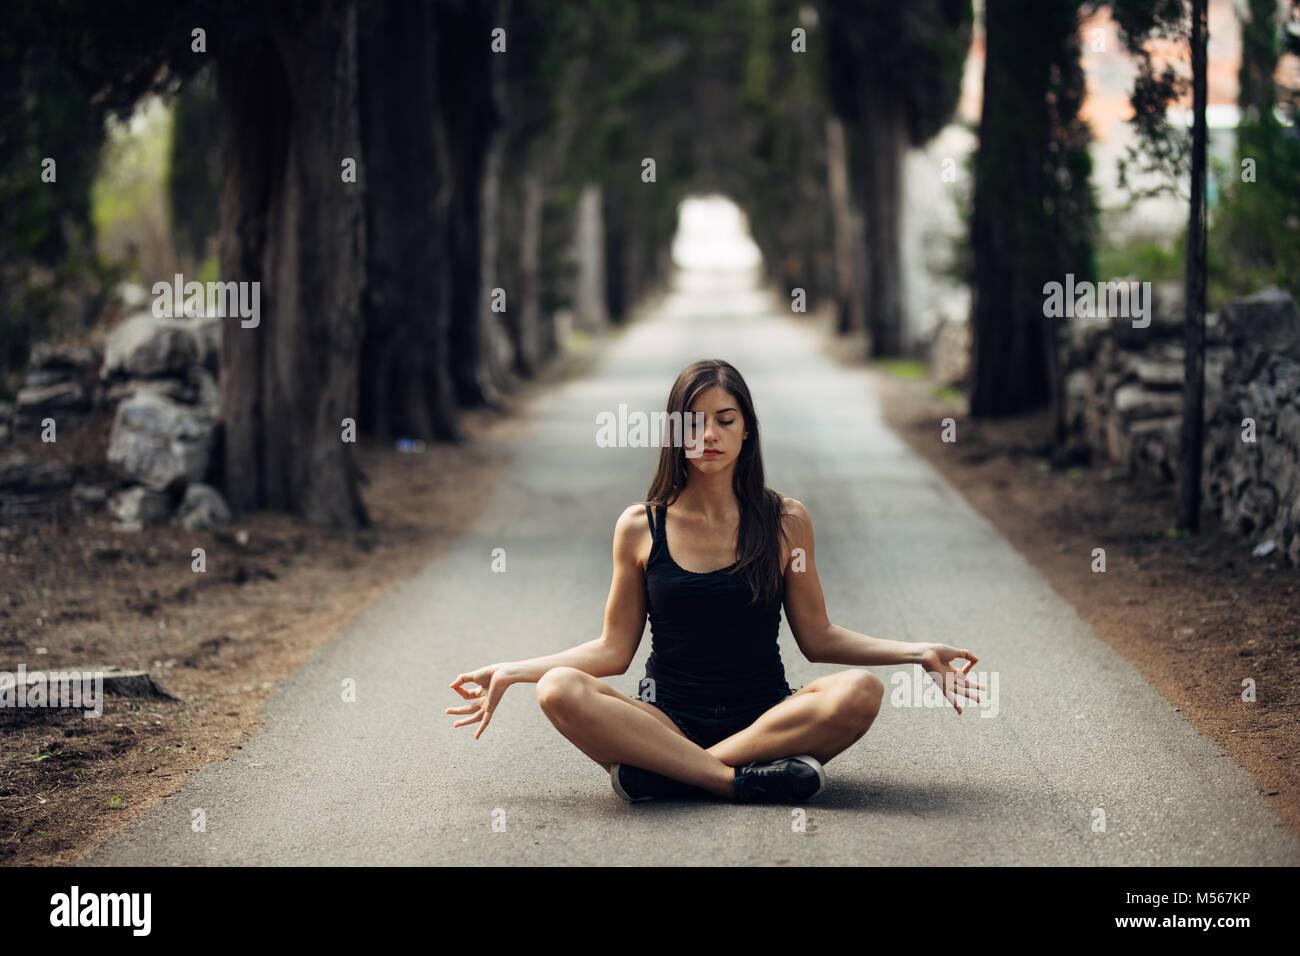 Sorglose ruhe Frau meditieren in der Natur. Finden des inneren Friedens Yoga Praxis Spirituelle Heilung Lifestyle. Stockbild